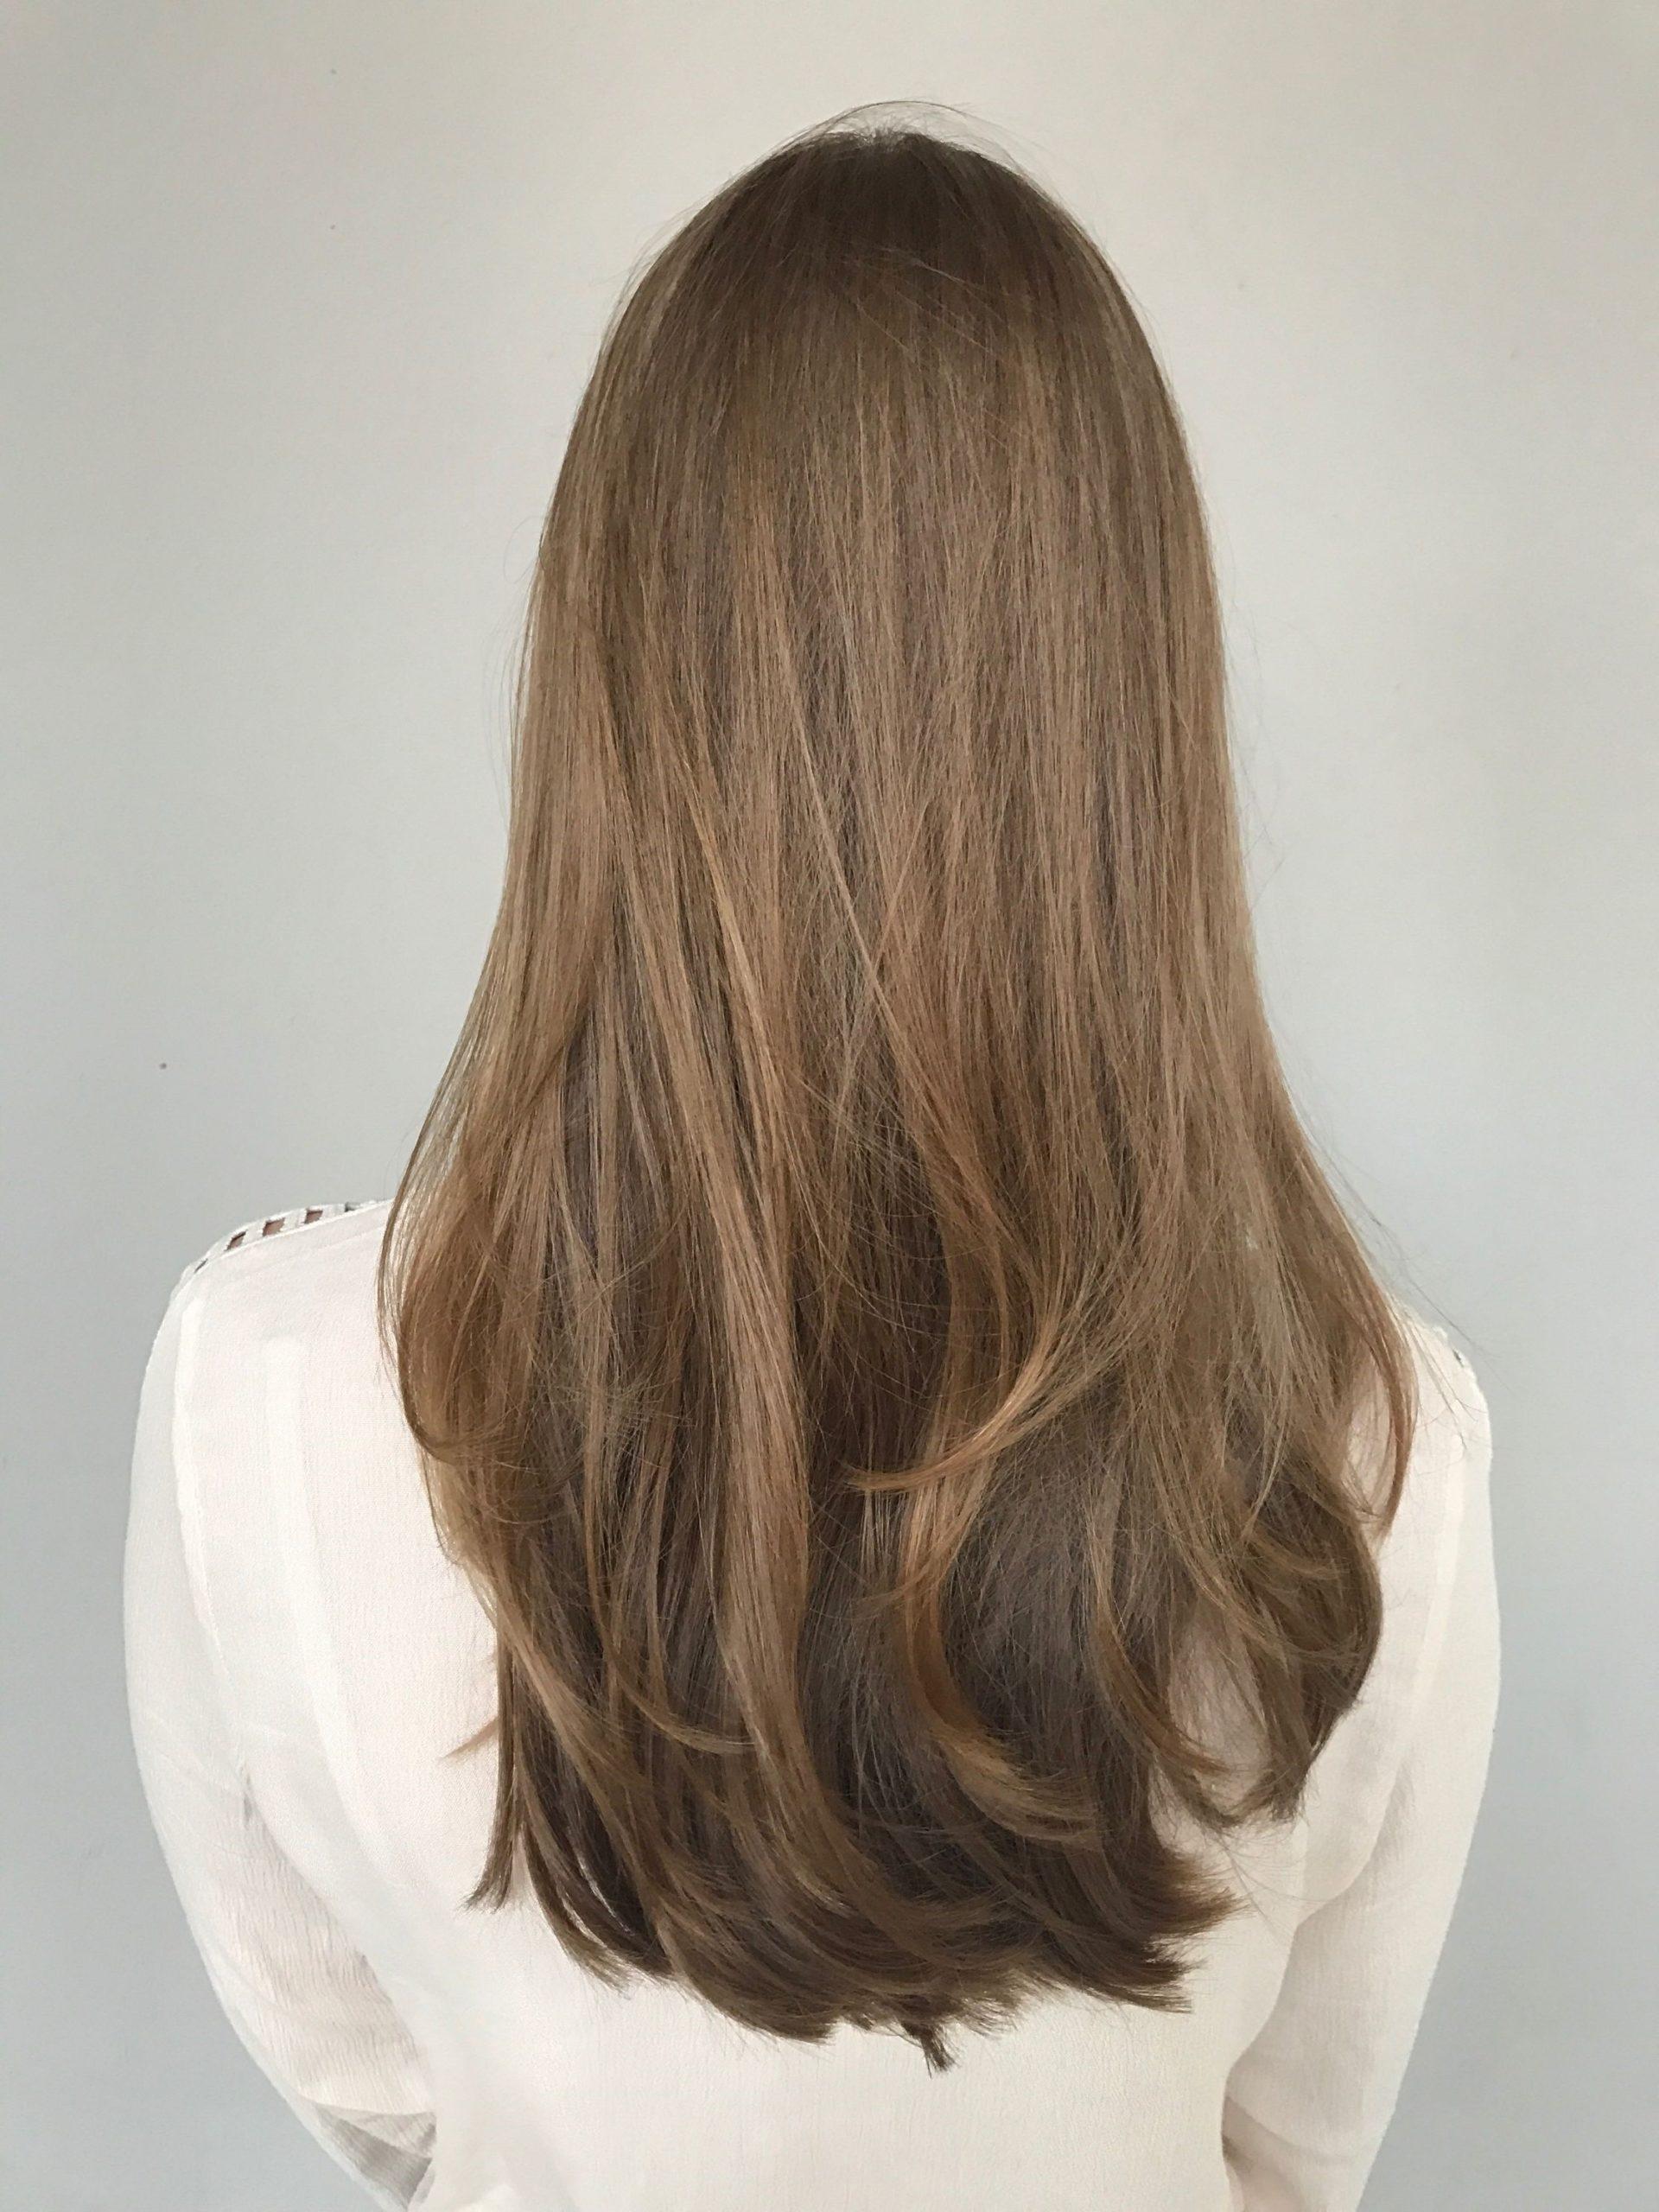 Coupe dégradée pour les cheveux longs.